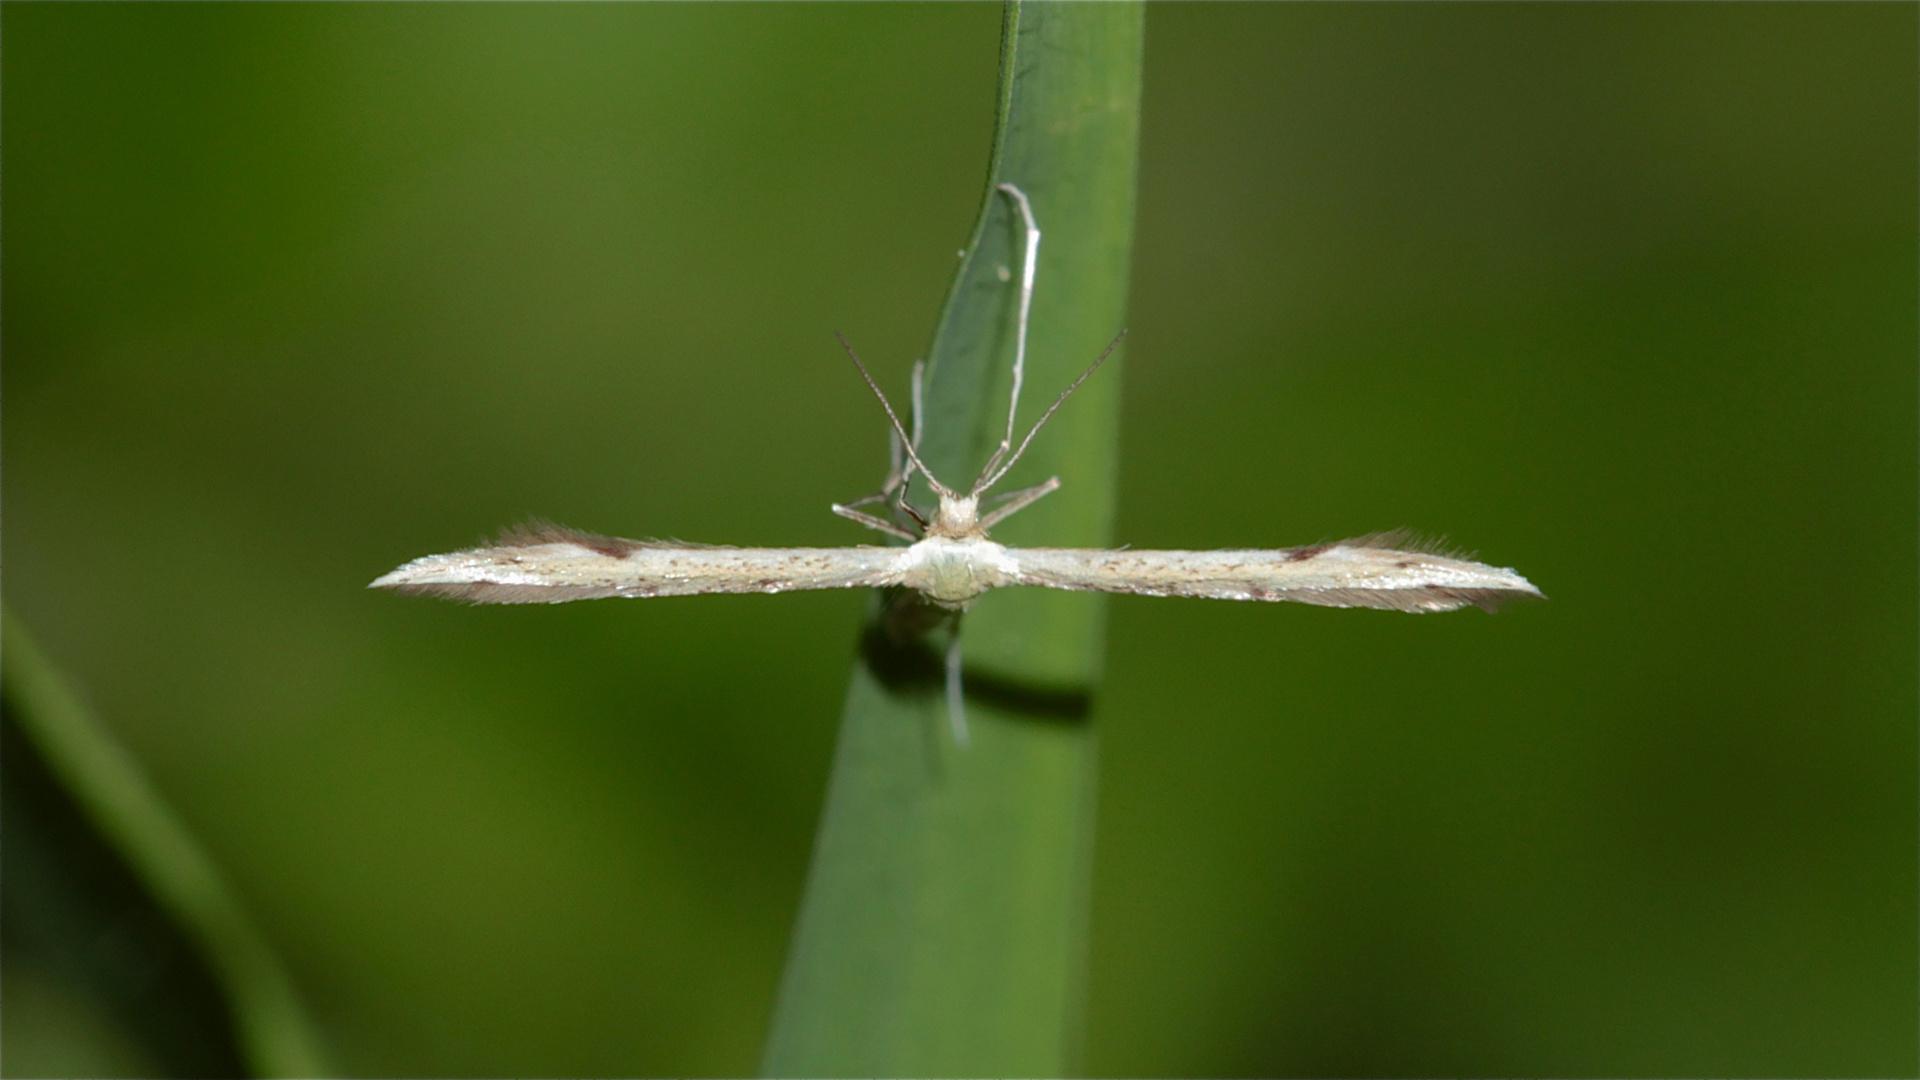 Das kleinste Federgeistchen, das ich jemals gesehen habe: Adaina microdactyla